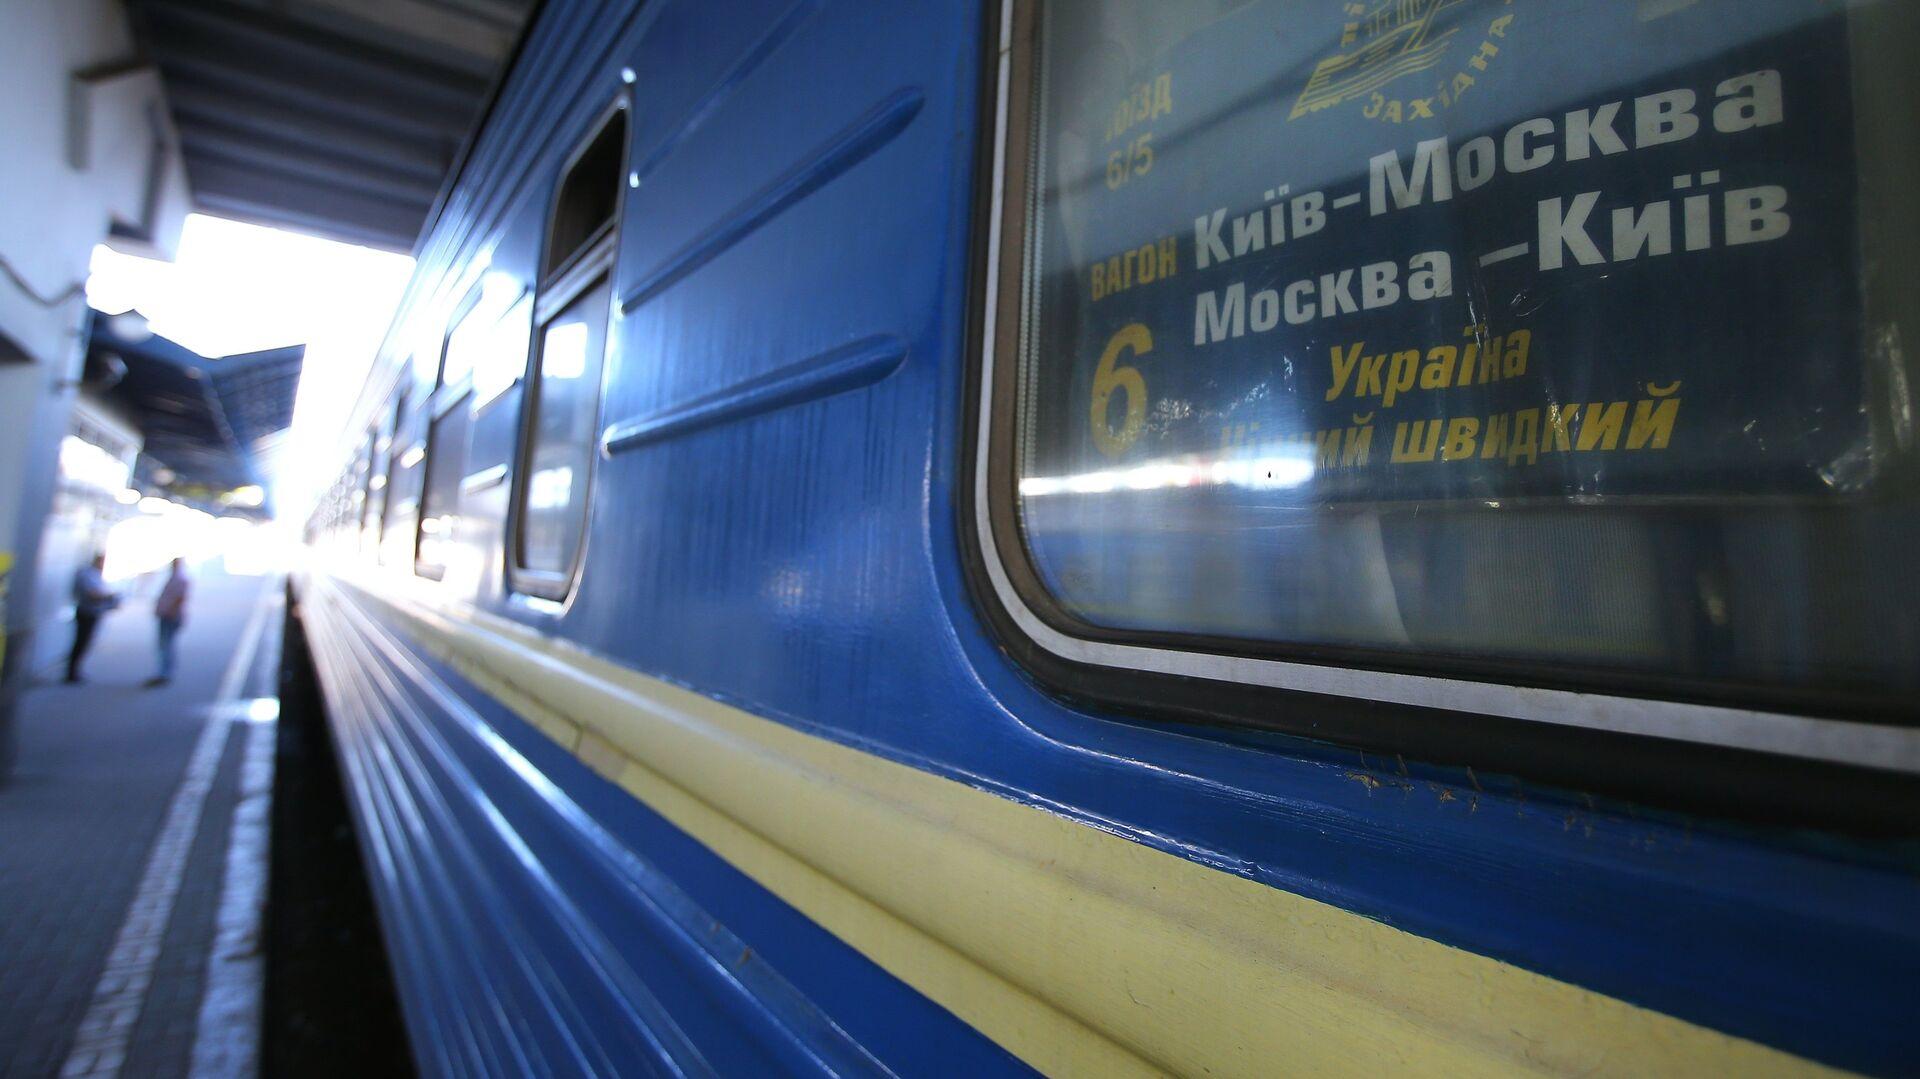 Вагон поезда Украина по маршруту Москва-Киев на перроне Центрального вокзал в Киеве - РИА Новости, 1920, 17.01.2021